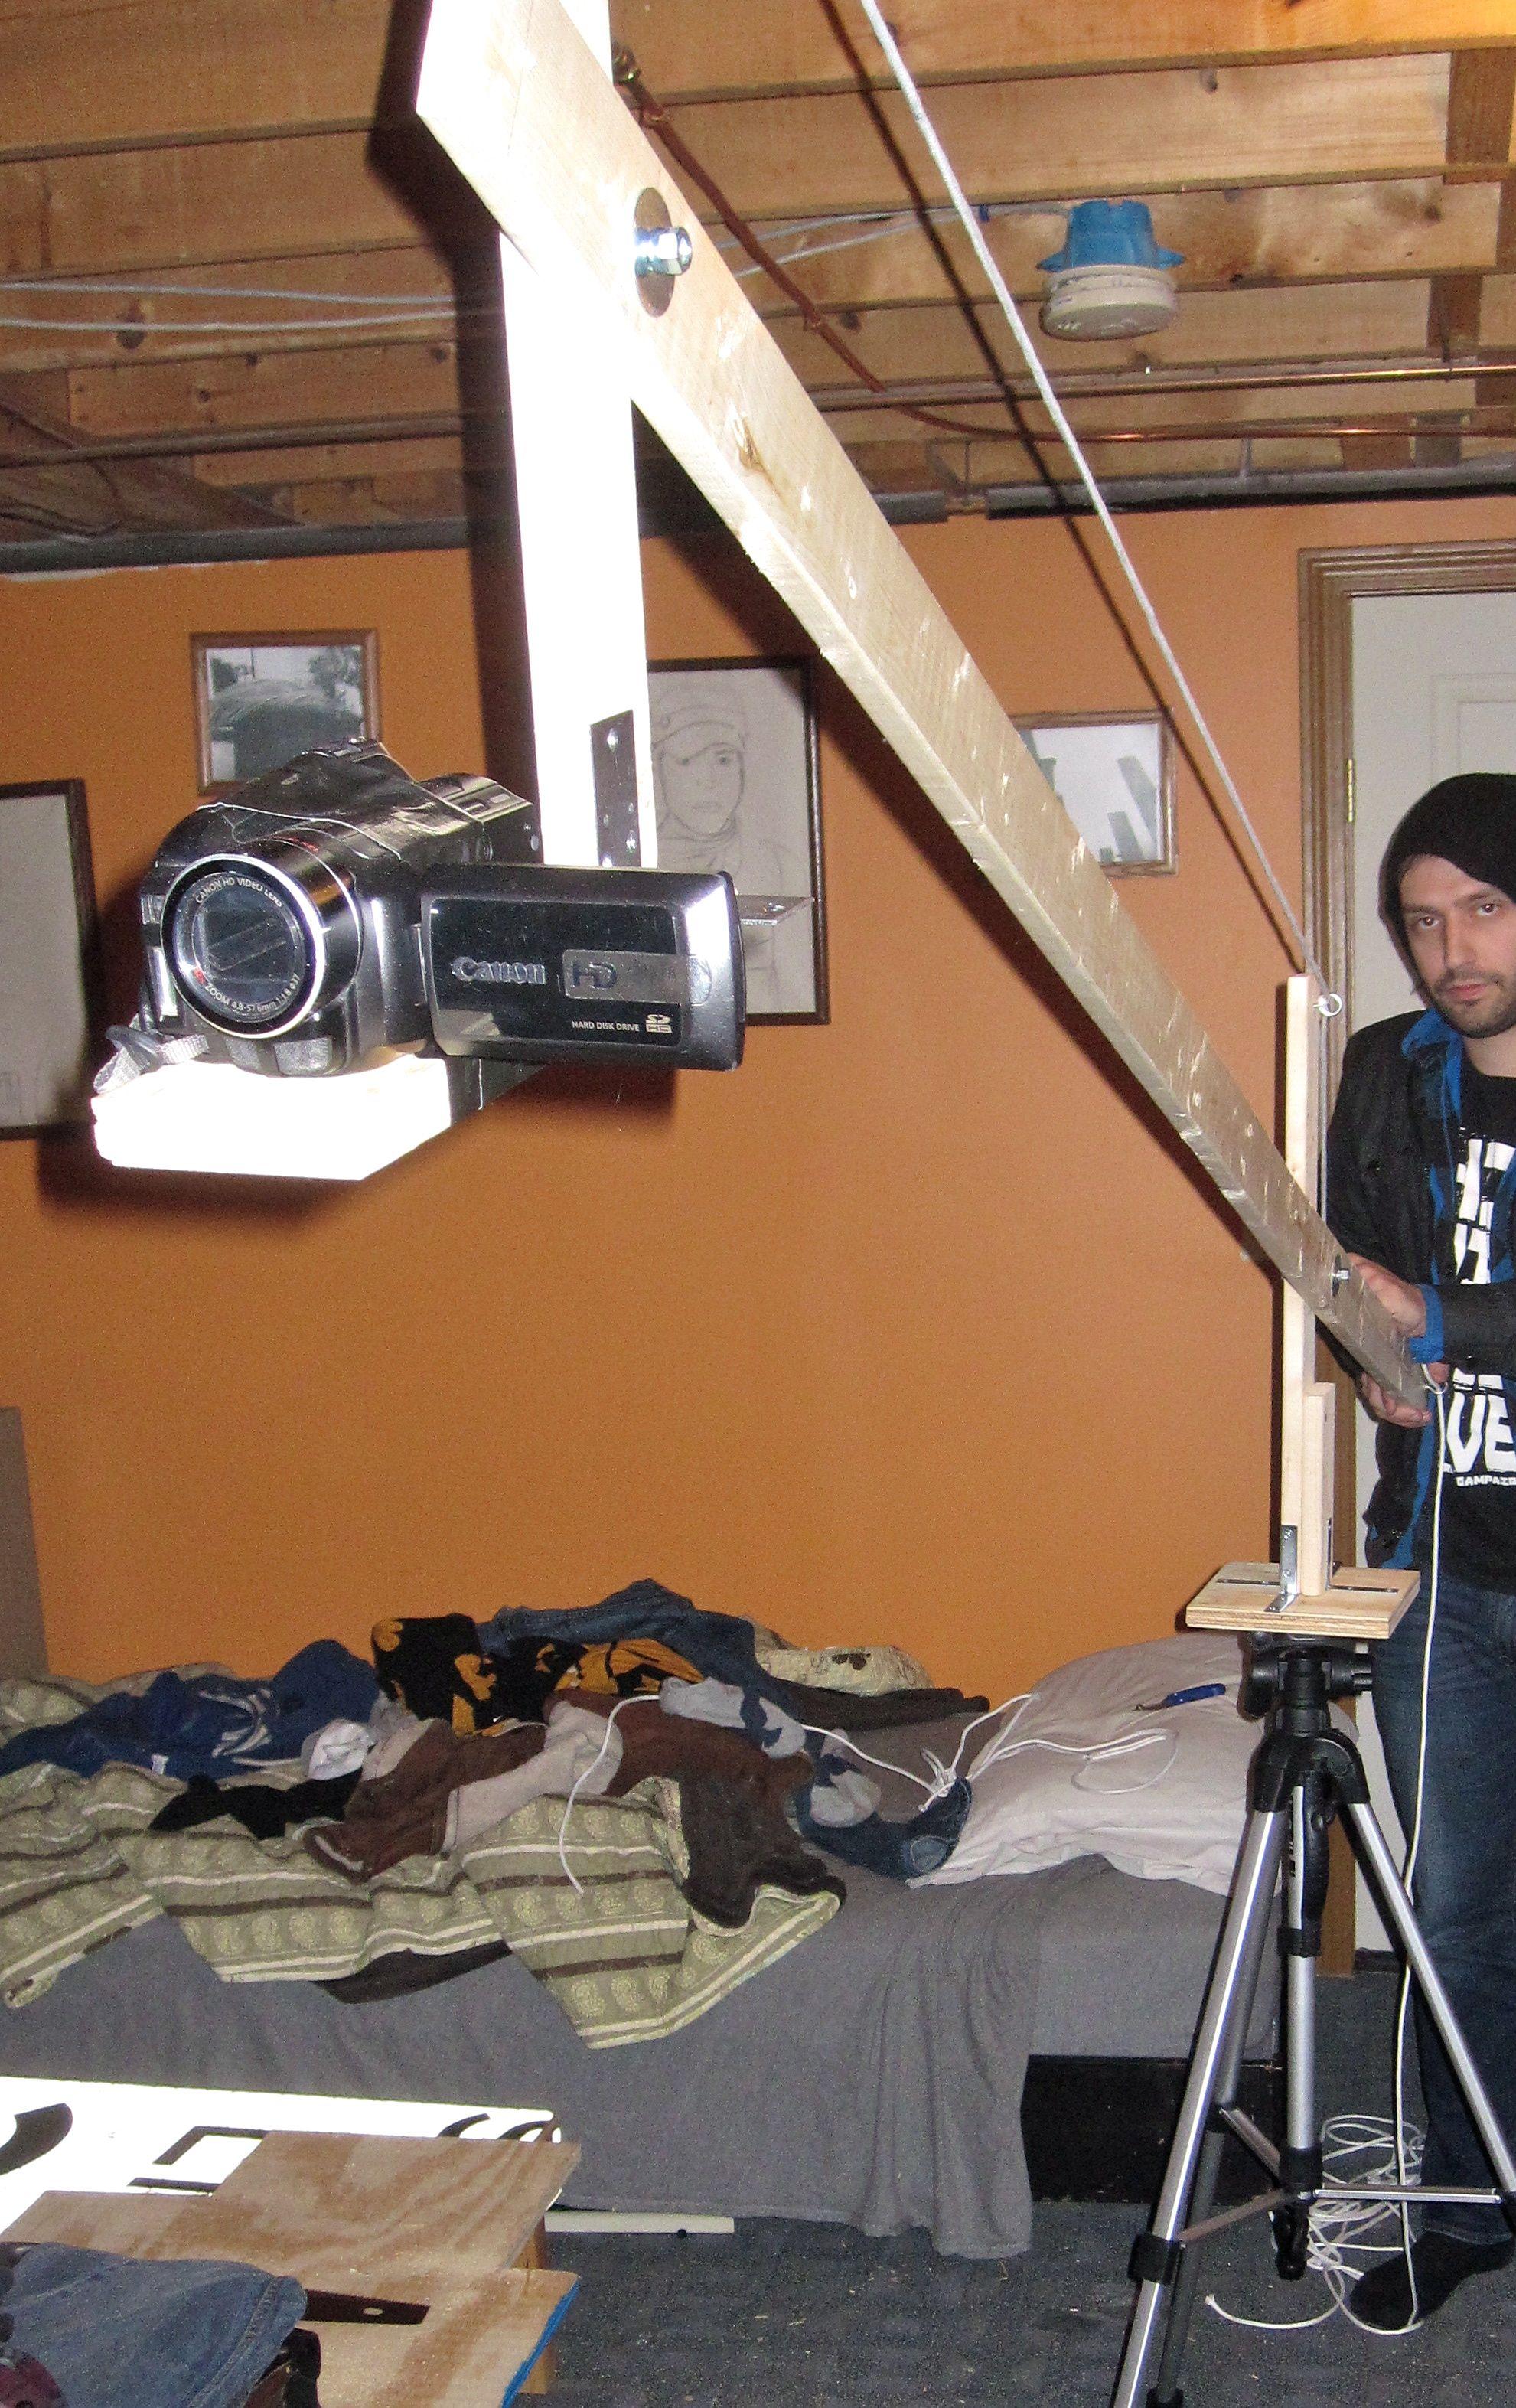 DIY camera crane/jib boom | One board to rule them all | Diy